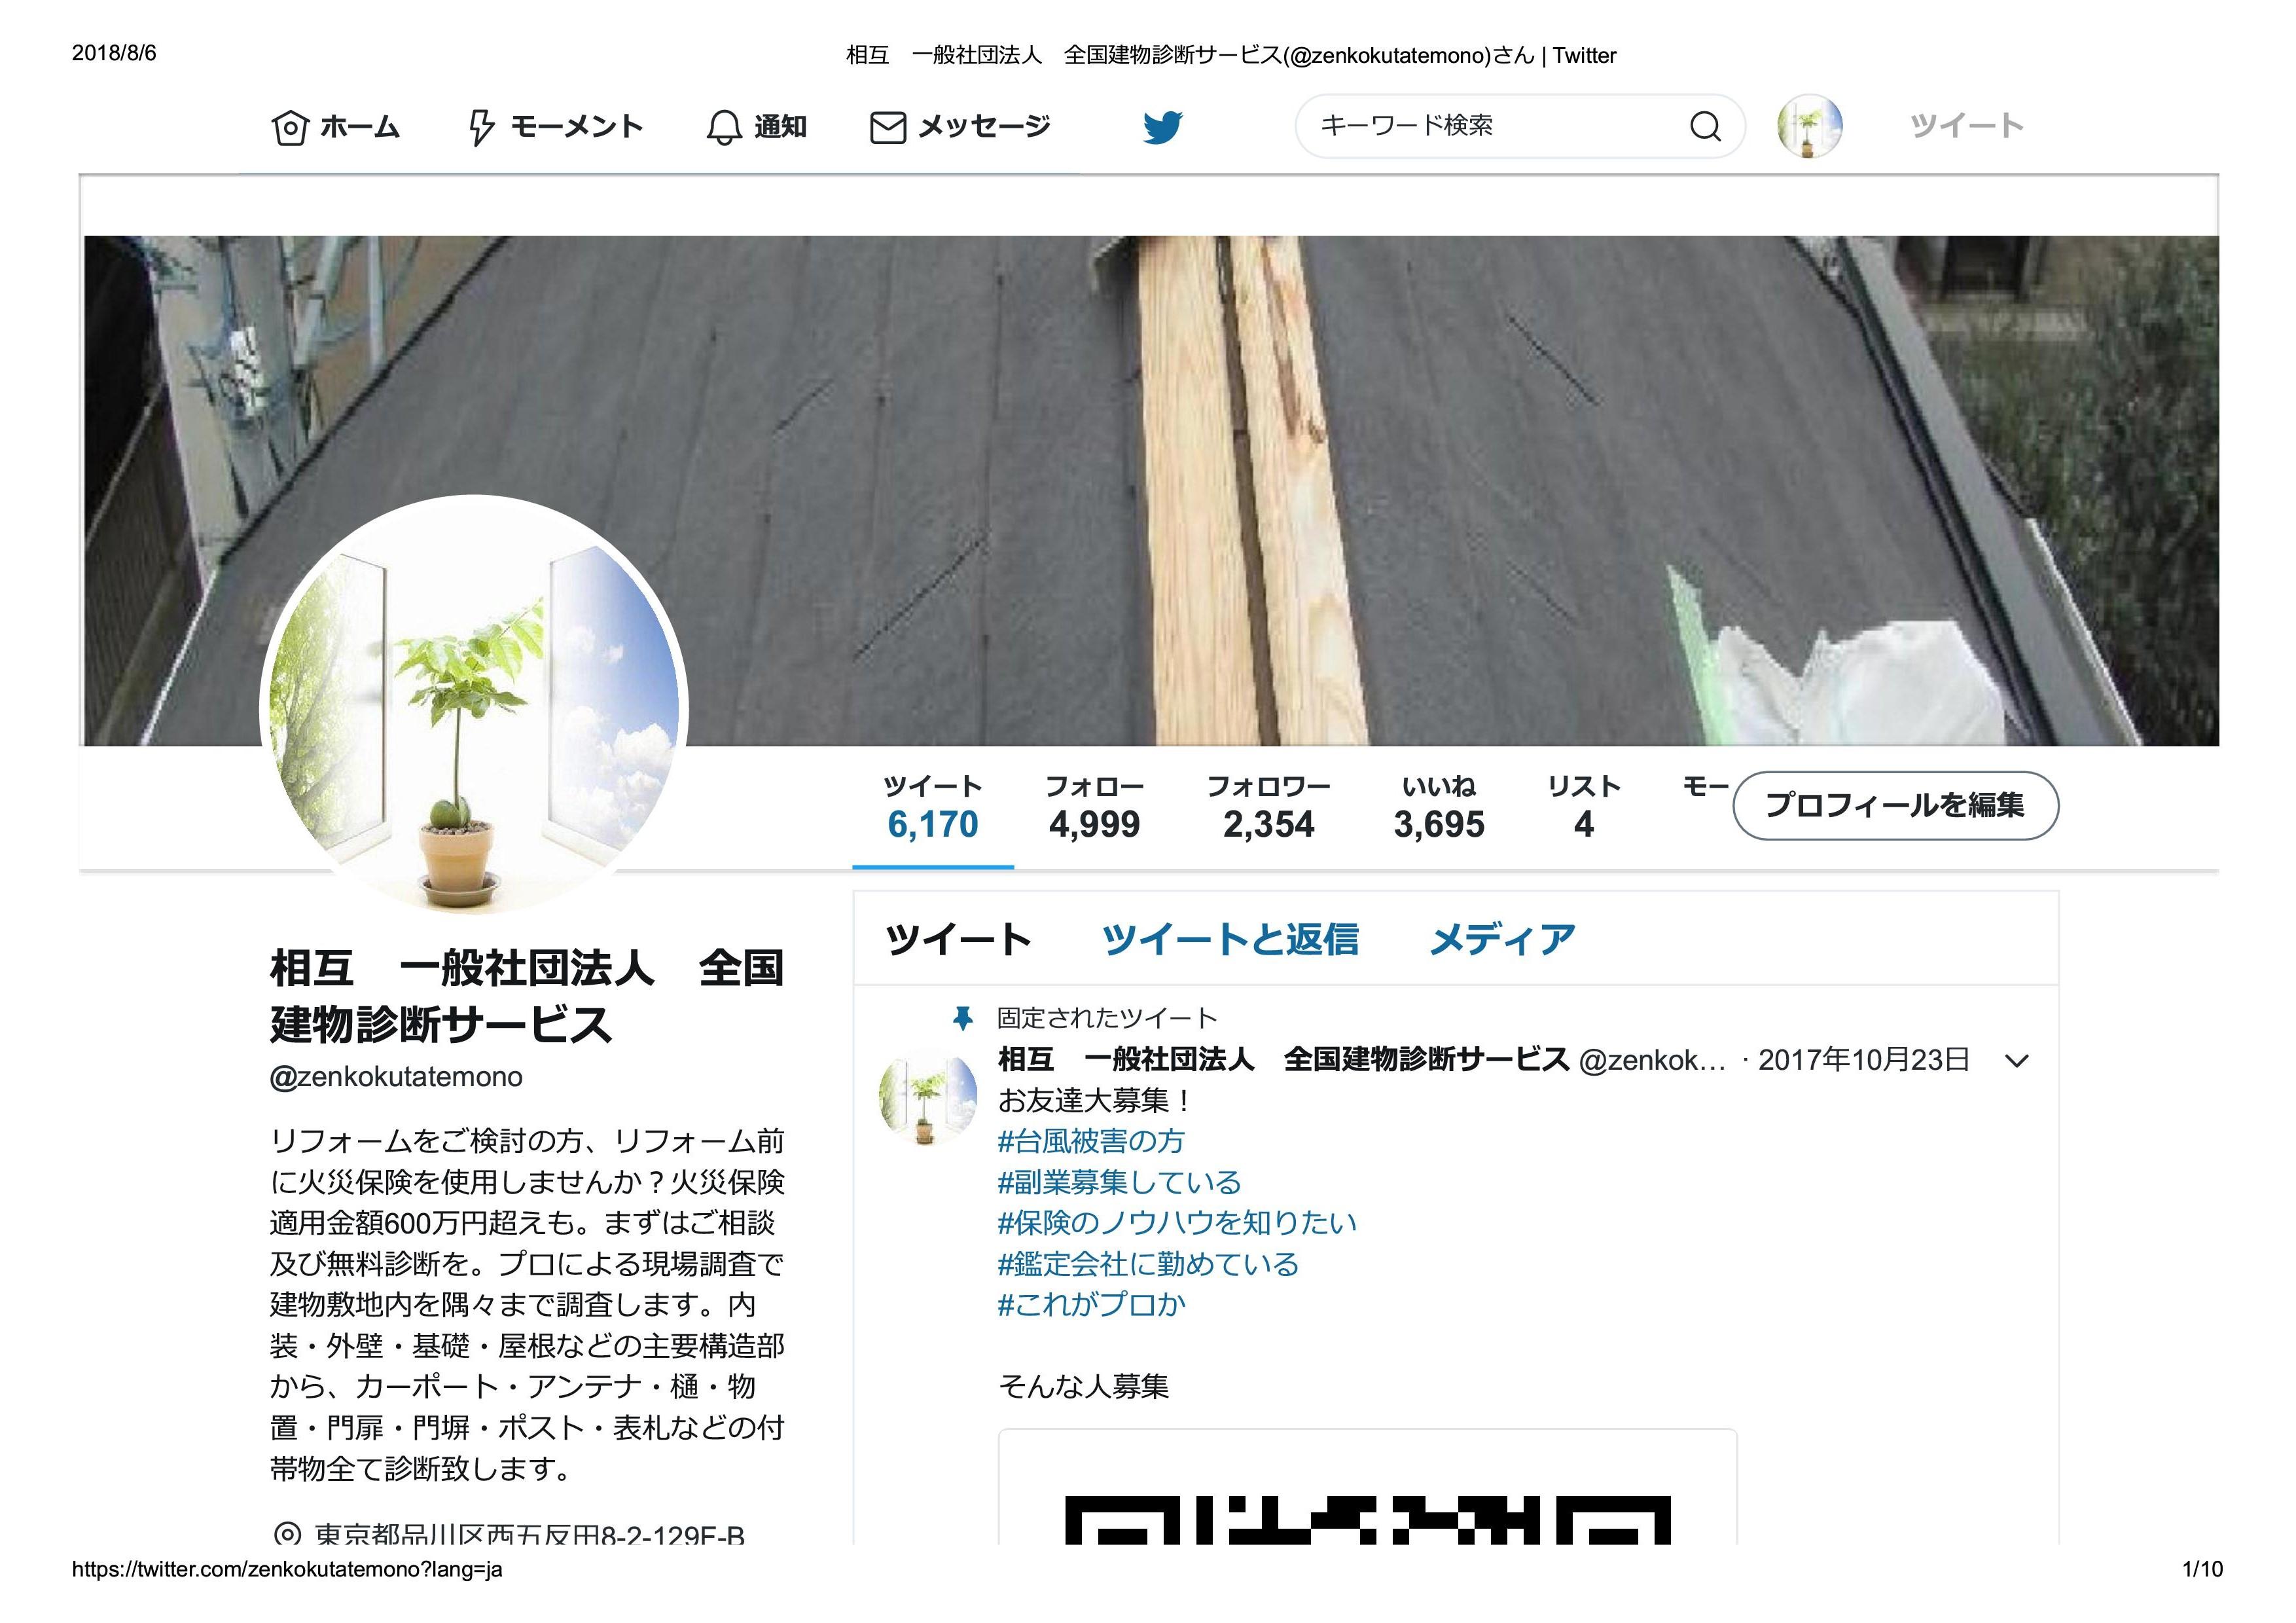 相互 一般社団法人 全国建物診断サービス(@zenkokutatemono)さん _ Twitter